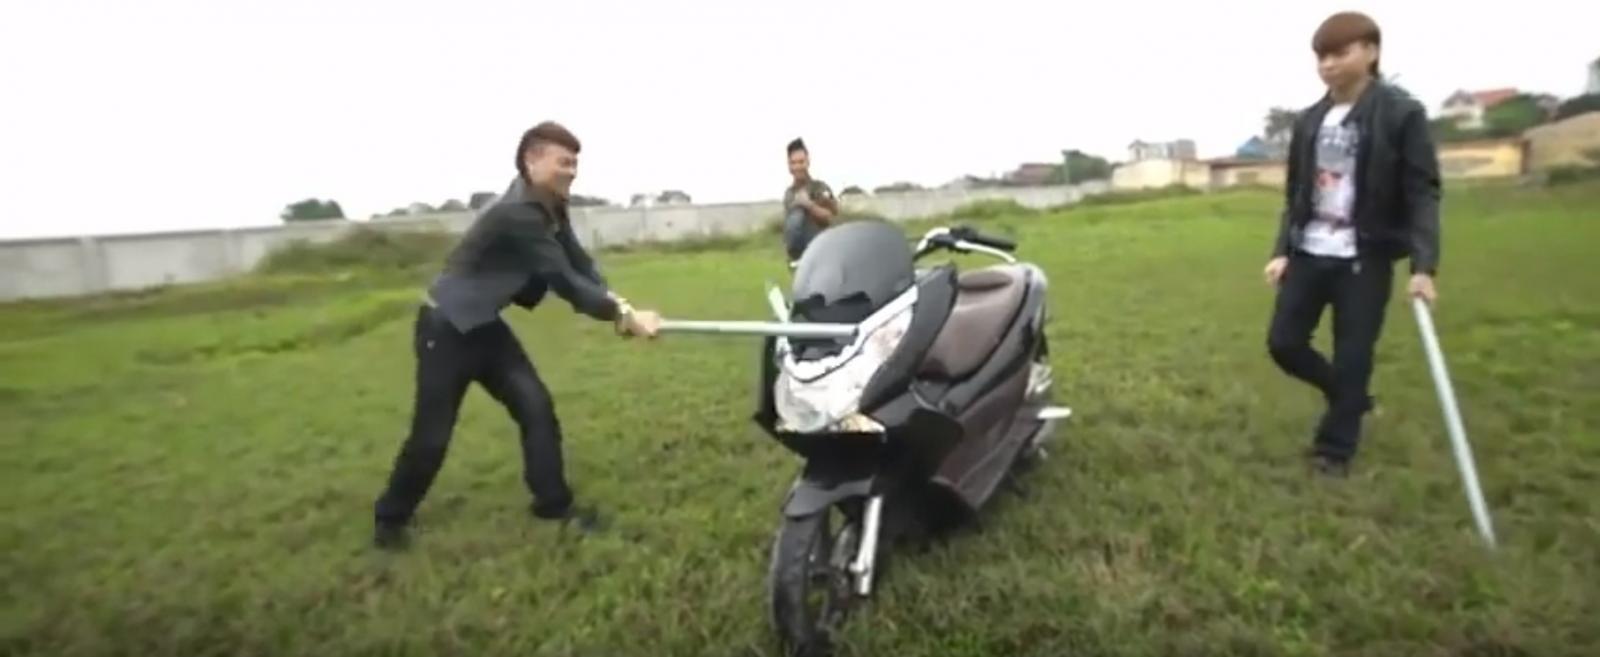 Hình ảnh Khá Bảnh cùng bạn bè đập phá chiếc xe tay ga (Ảnh cắt từ Clip)